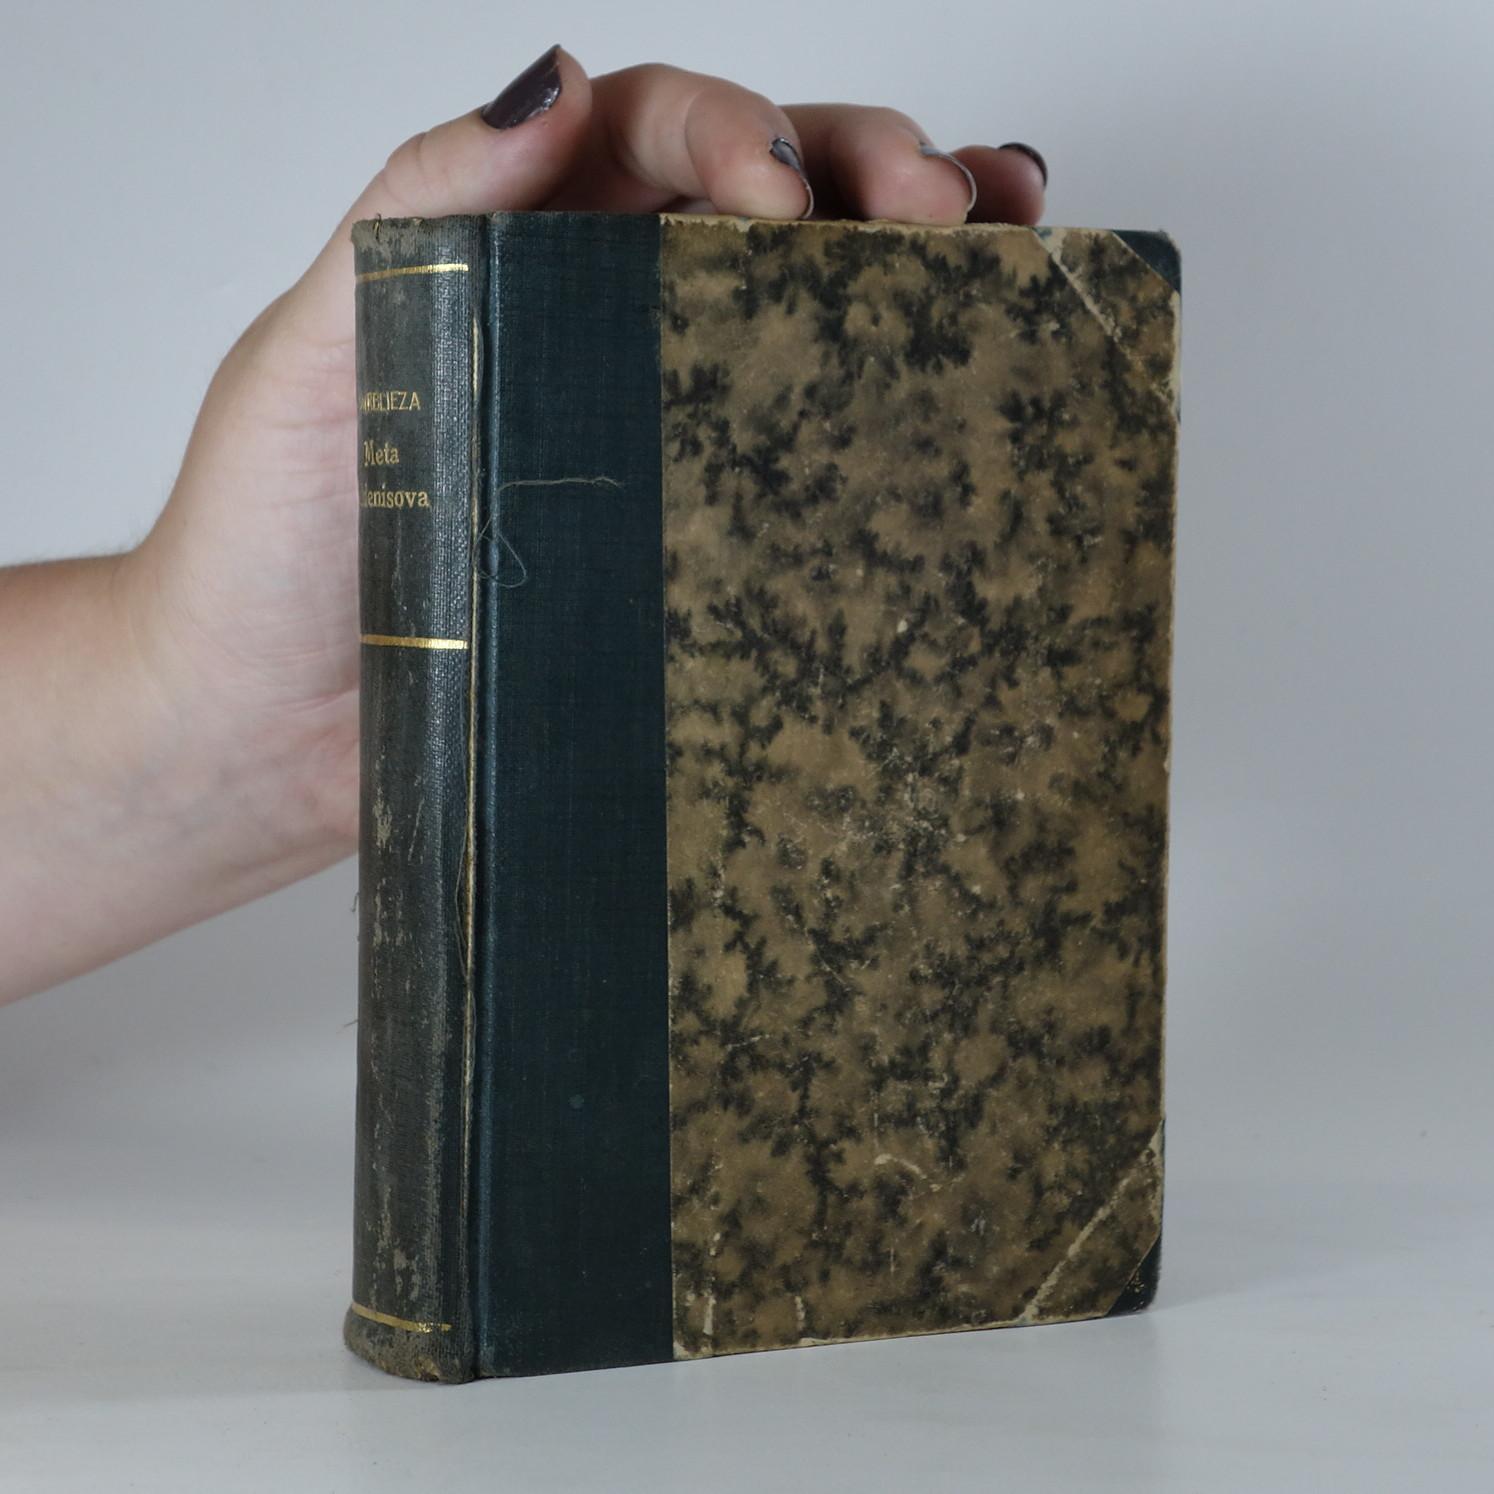 antikvární kniha Meta Holdenisova. Lid tvůj lid můj. Lodi v noci se míjející... (3 knihy v jedné vazbě), 1895